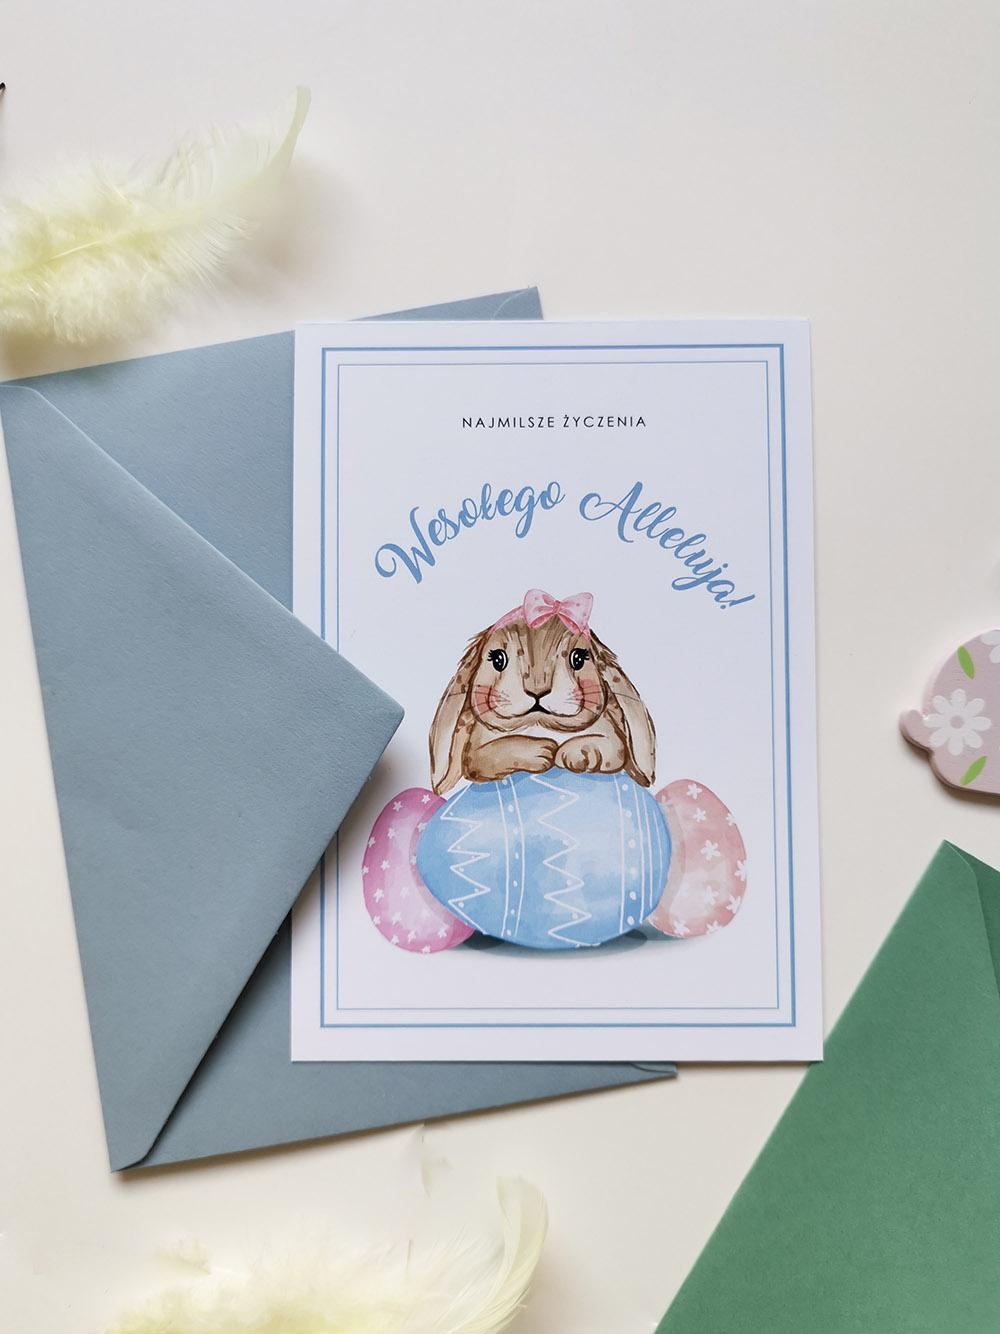 oryginalna kartka wielkanocna z zajączkiem, niebieskai urocza